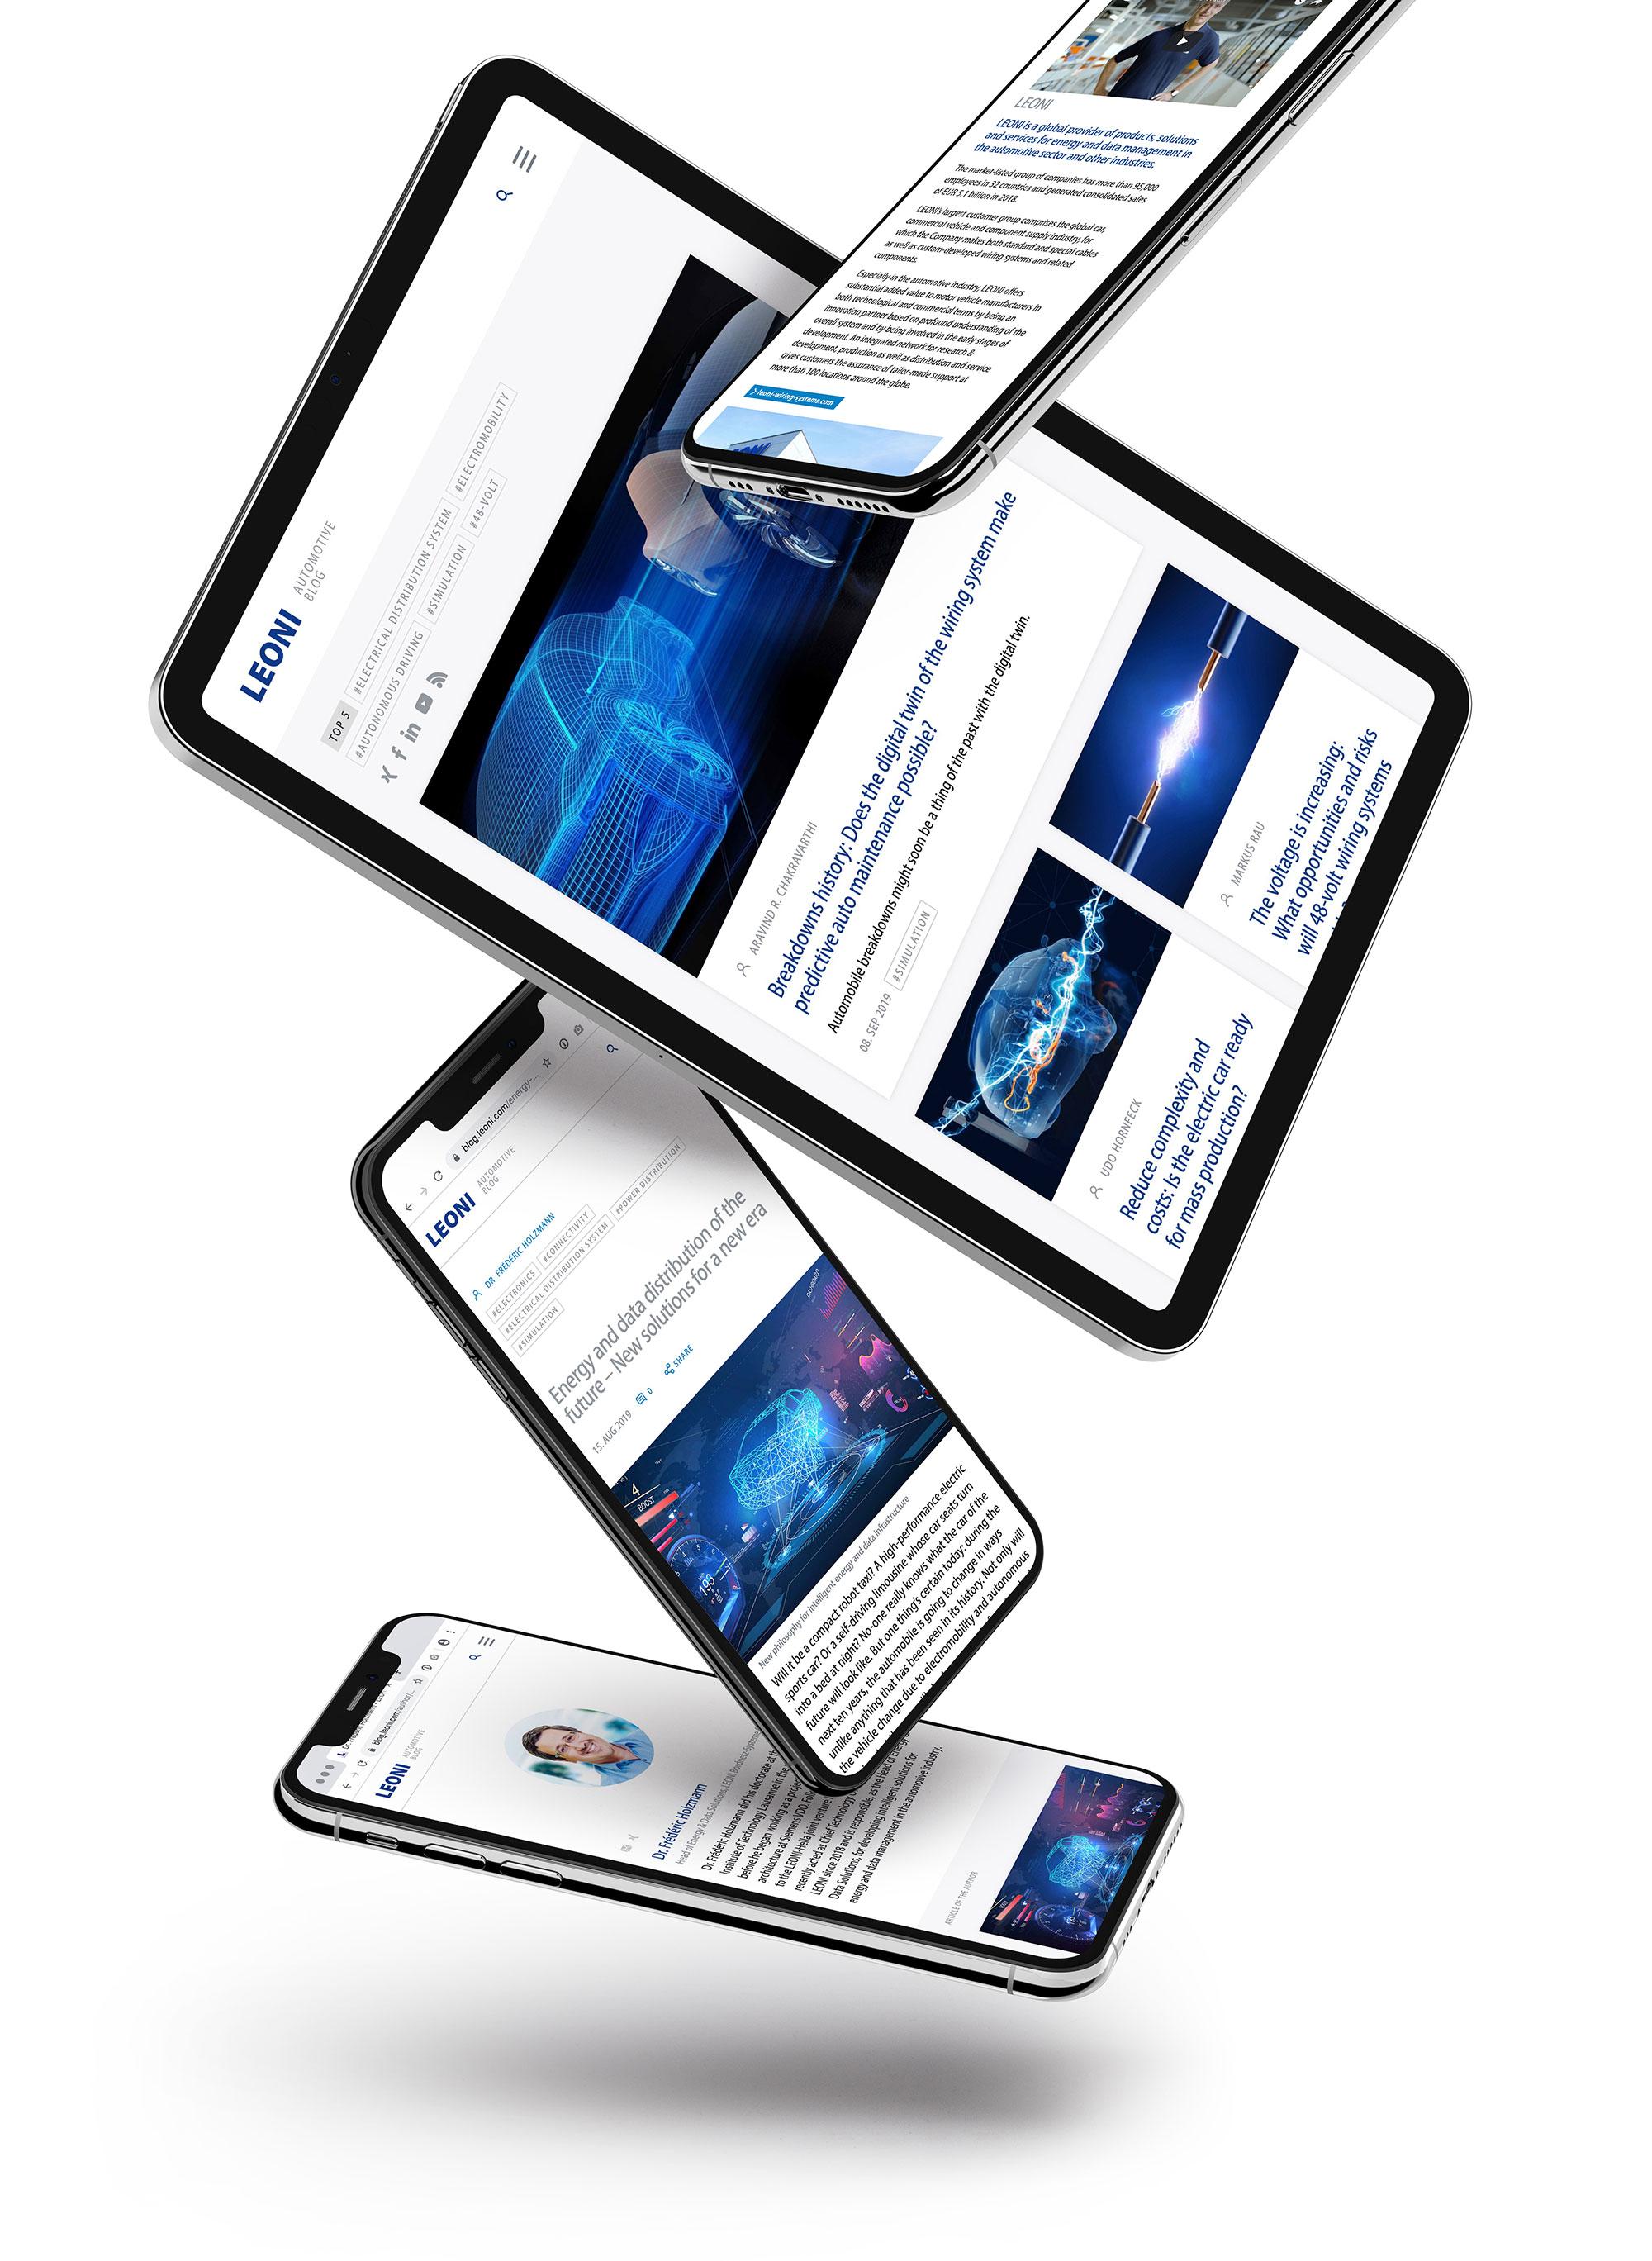 LEONI Automotive Blog responsive Devices